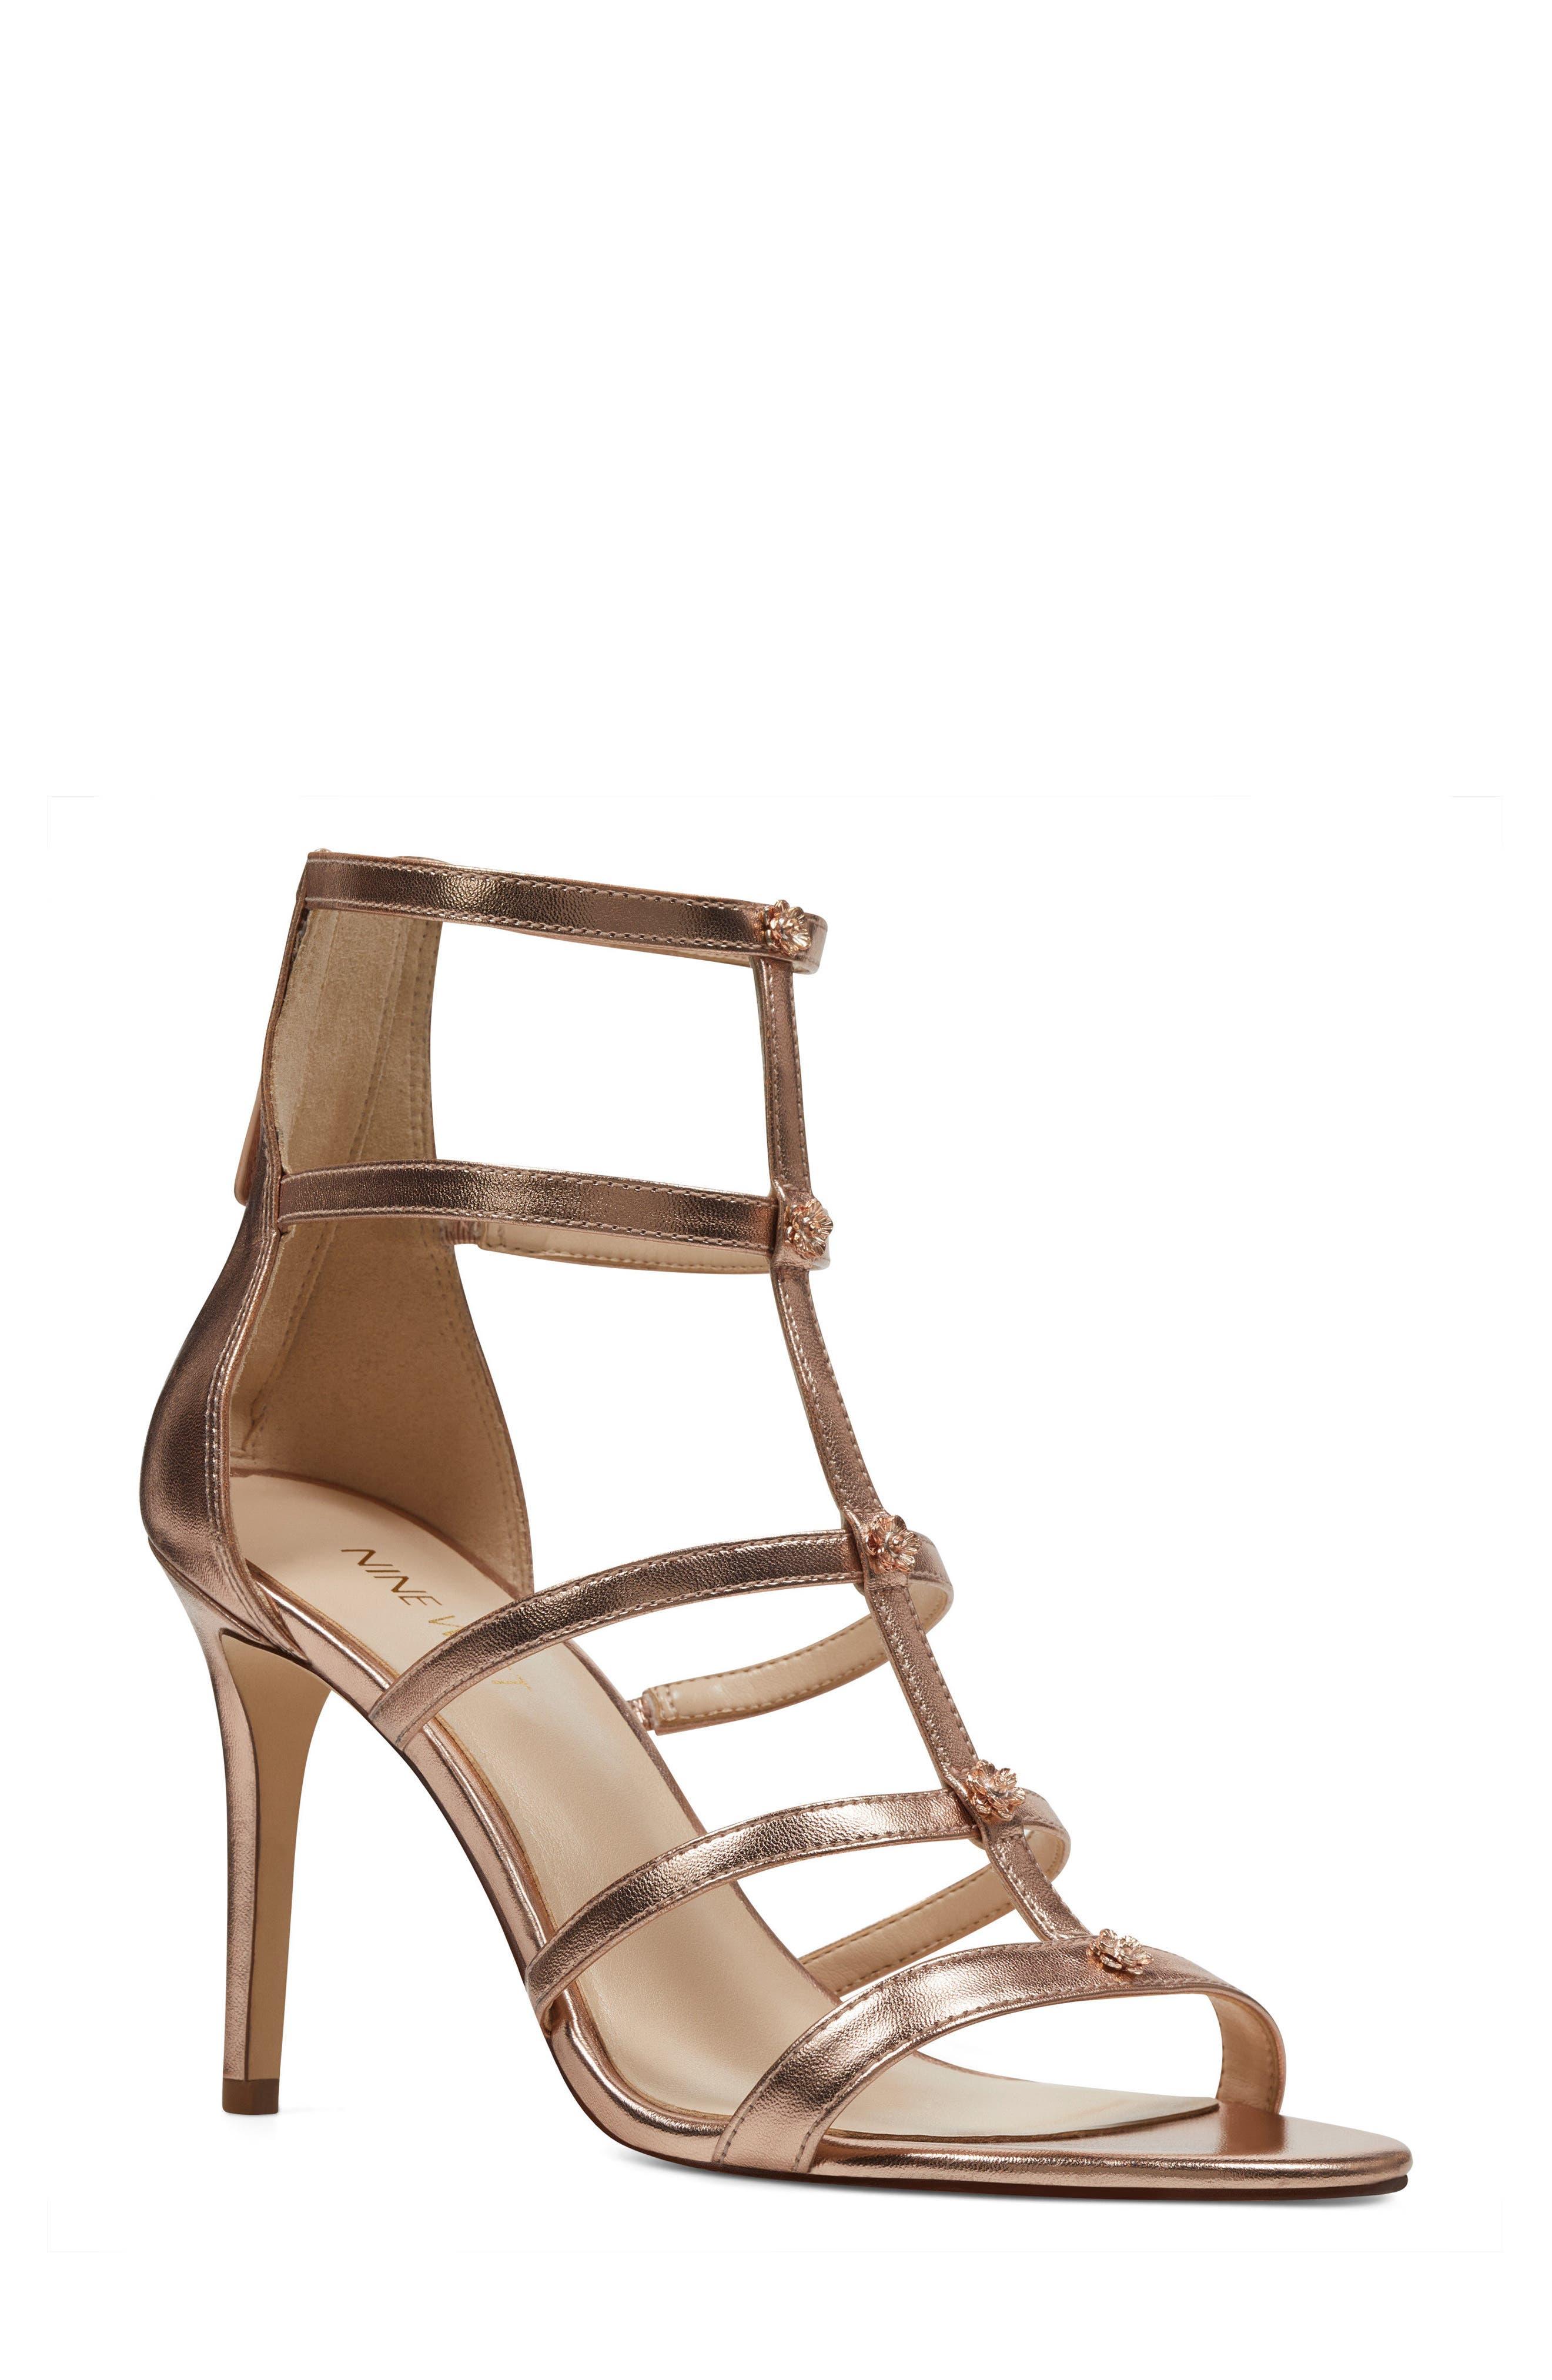 Alternate Image 1 Selected - Nine West Nayler Strappy Sandal (Women)